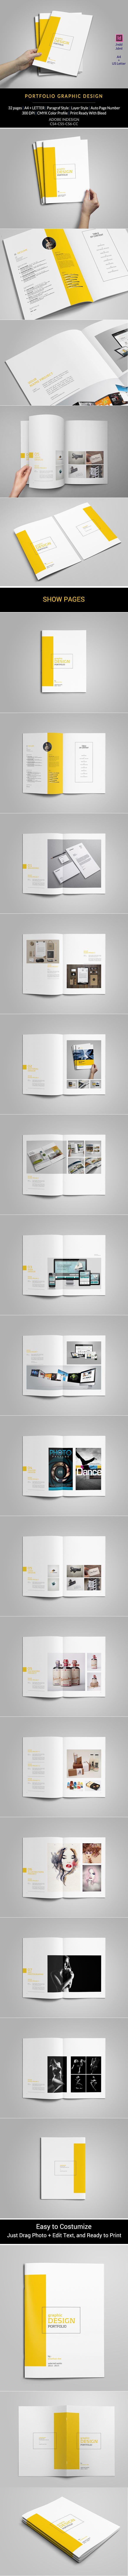 https://www.behance.net/gallery/26689171/Graphic-Design-Portfolio-Template